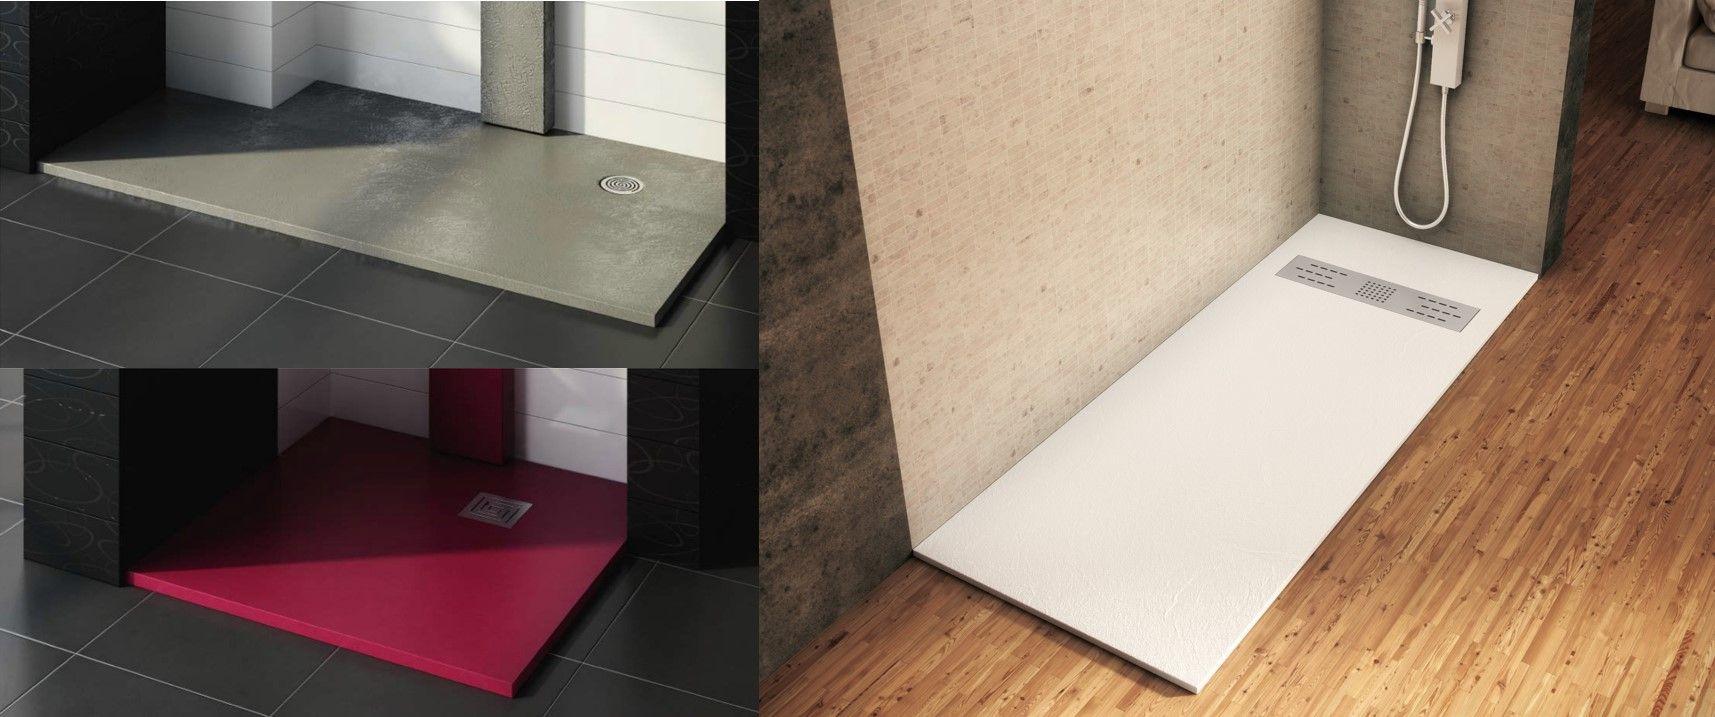 Sea cual sea tu estilo, tenemos un plato de ducha para ti y podemos convertir tu espacio en un ambiente ideal.